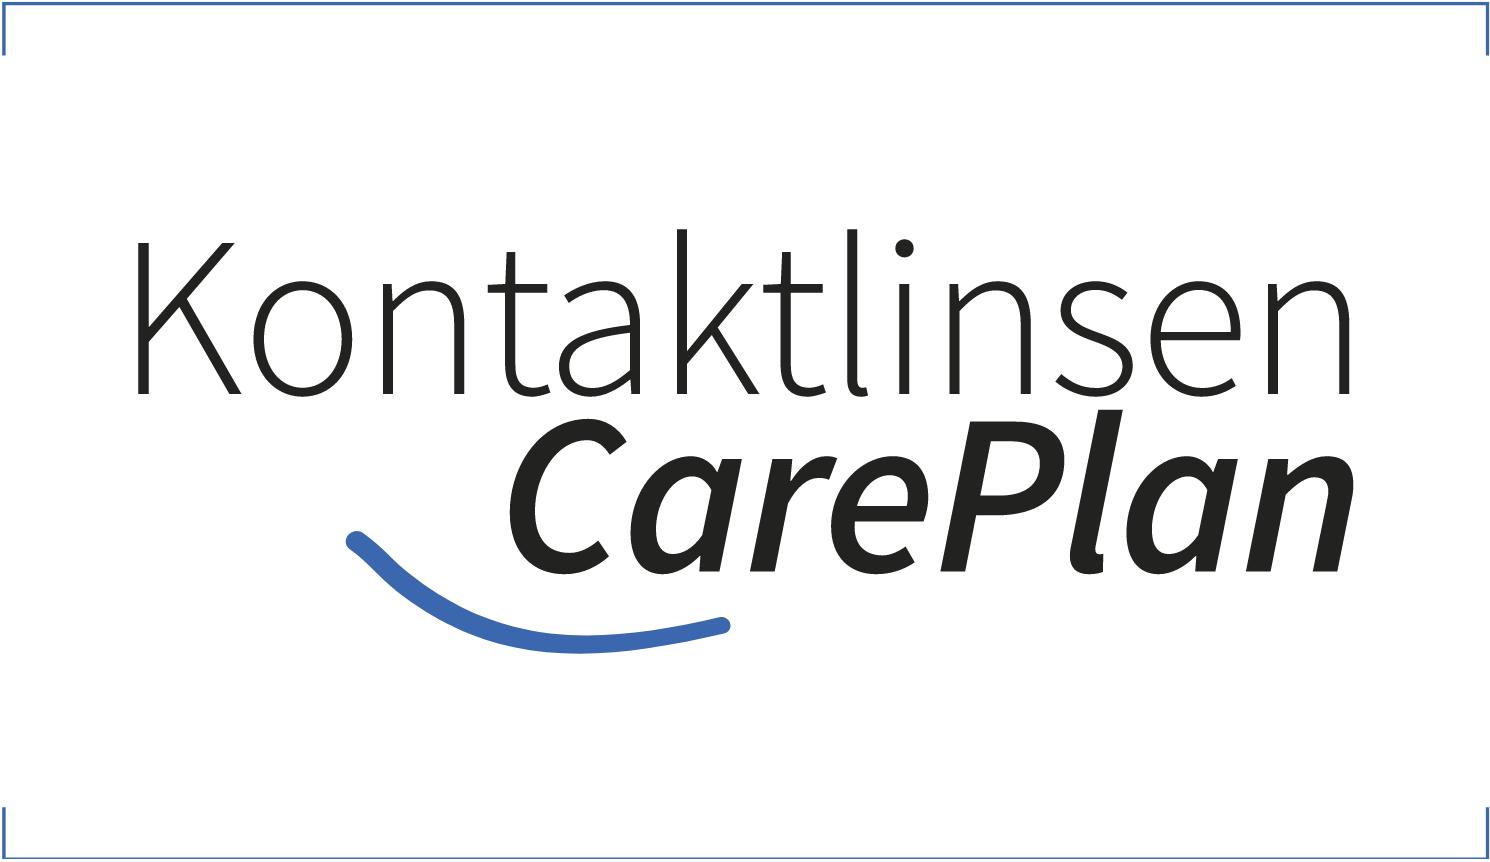 Kontaktlinsen-CarePlan_Andre-Augenoptik_Rahmen